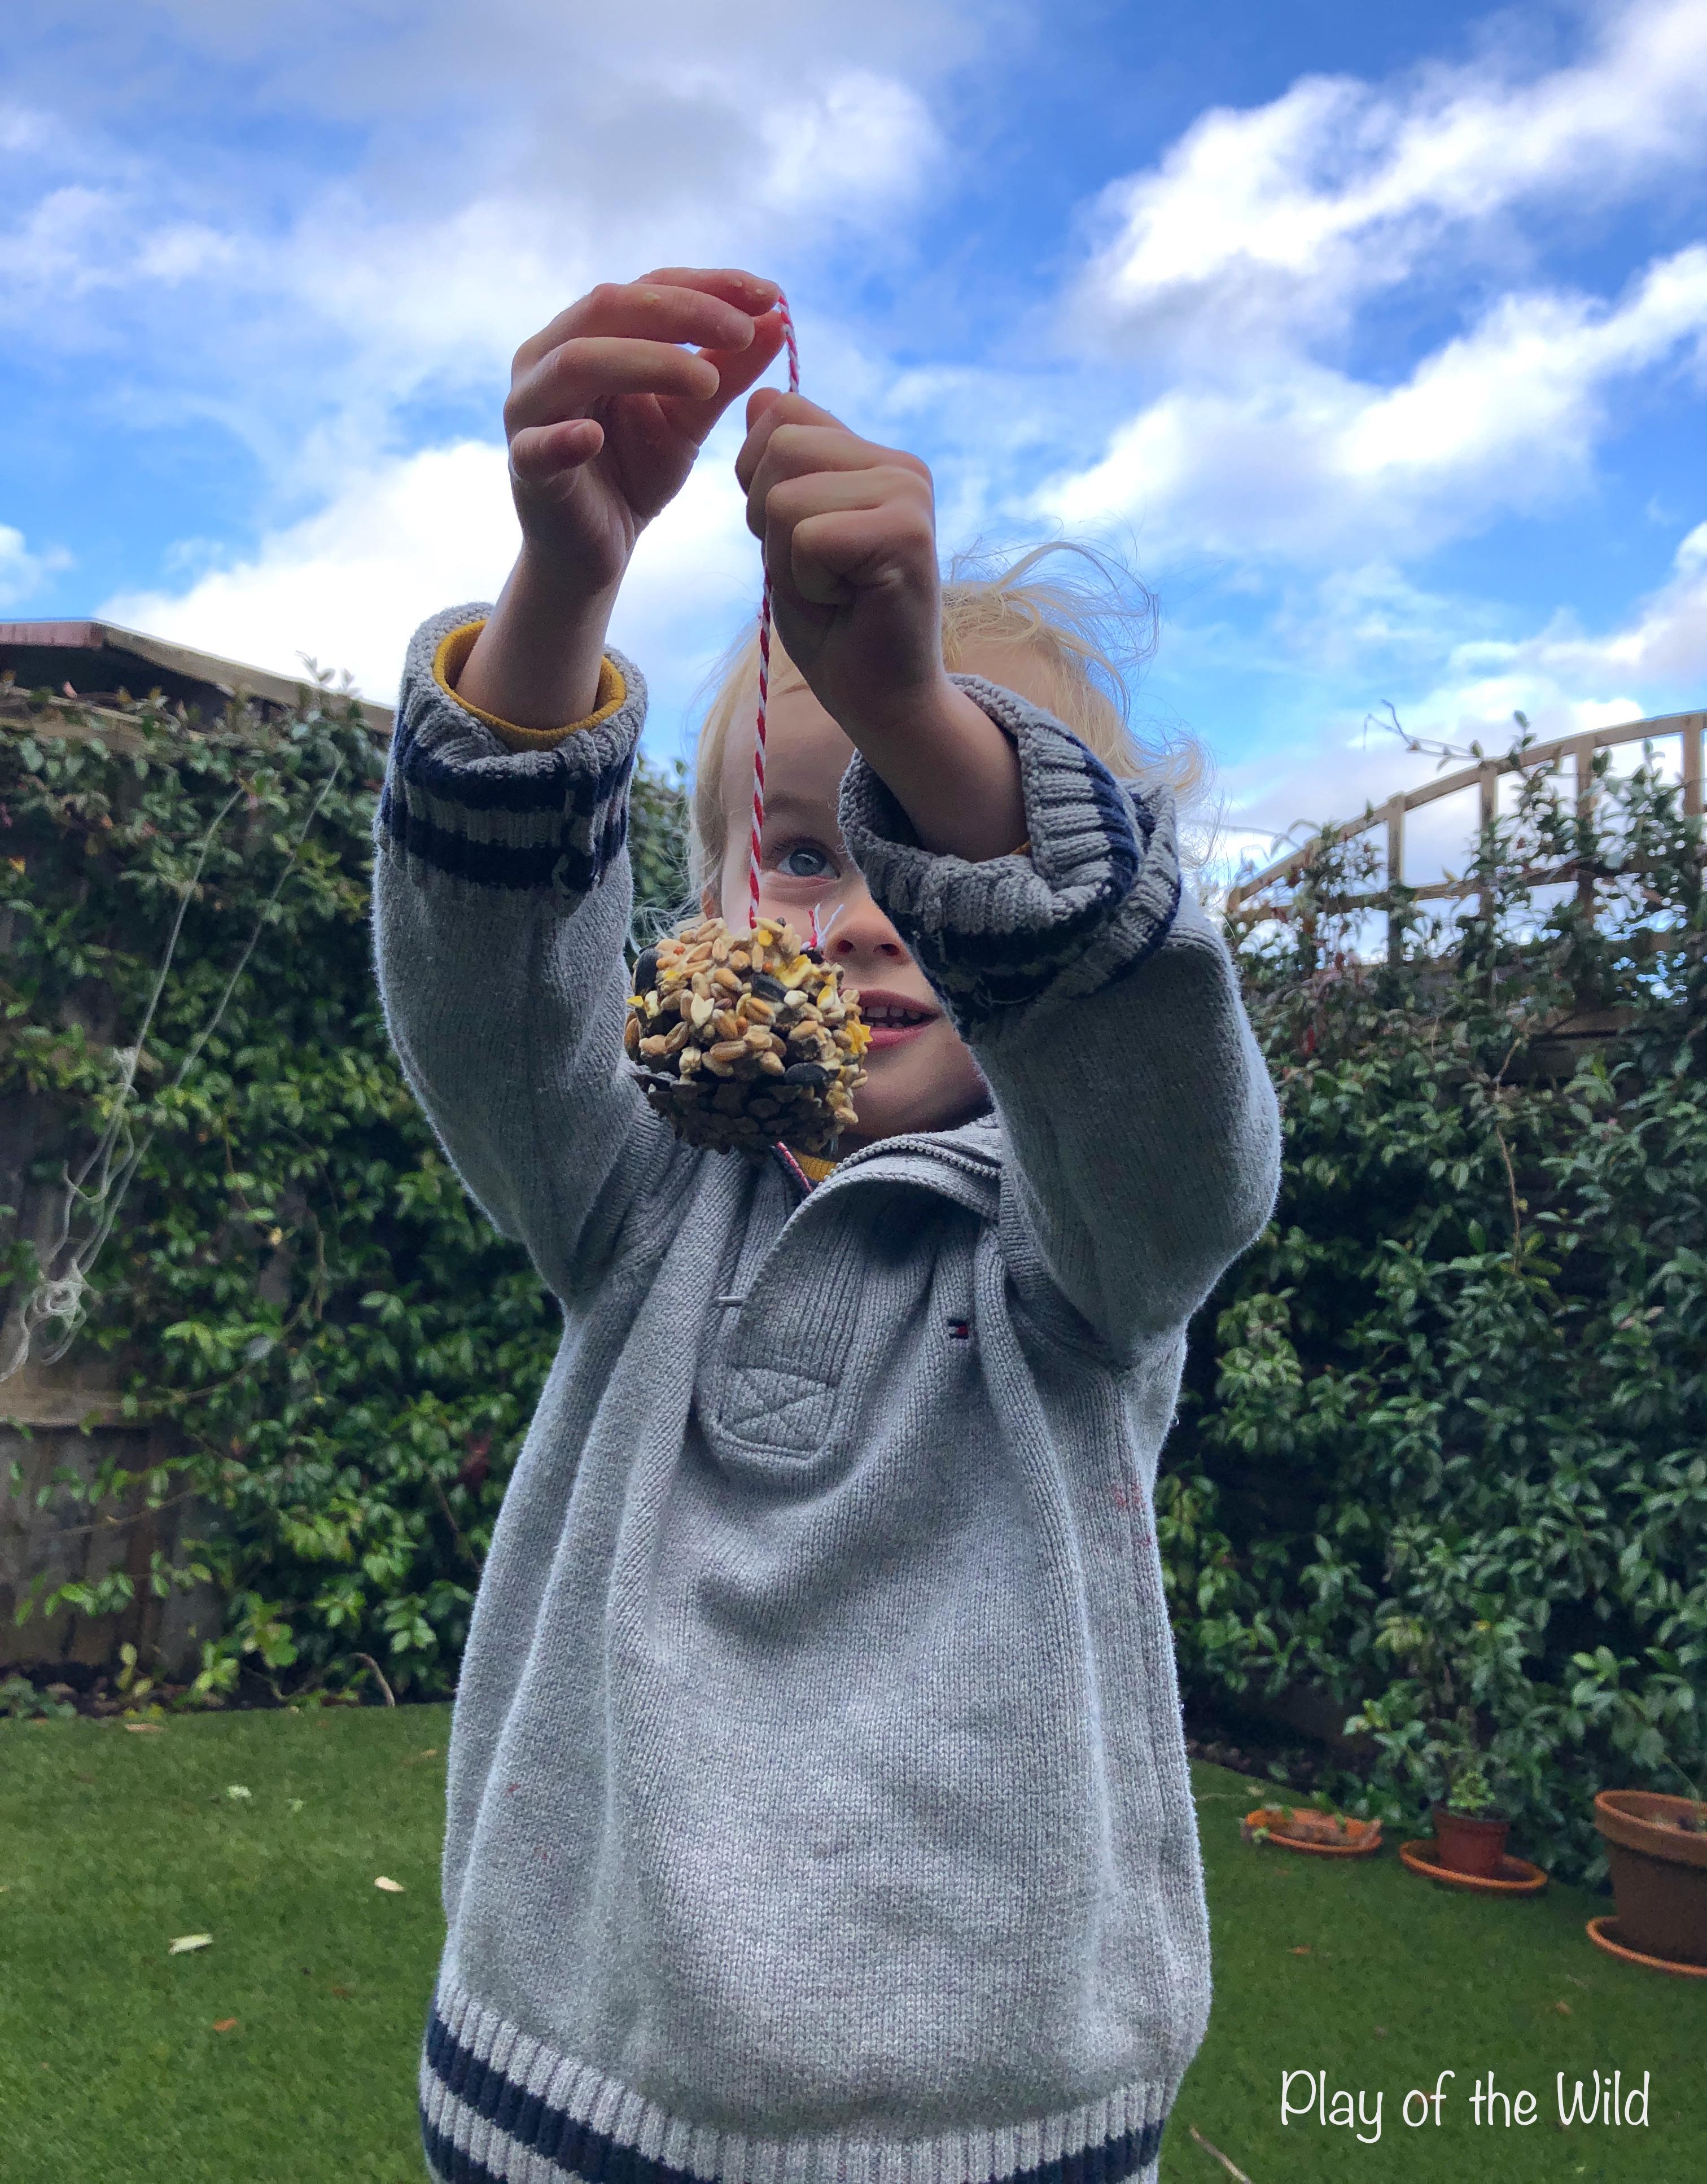 Pinecone Birdfeeders for Outdoor Learning in Preschool